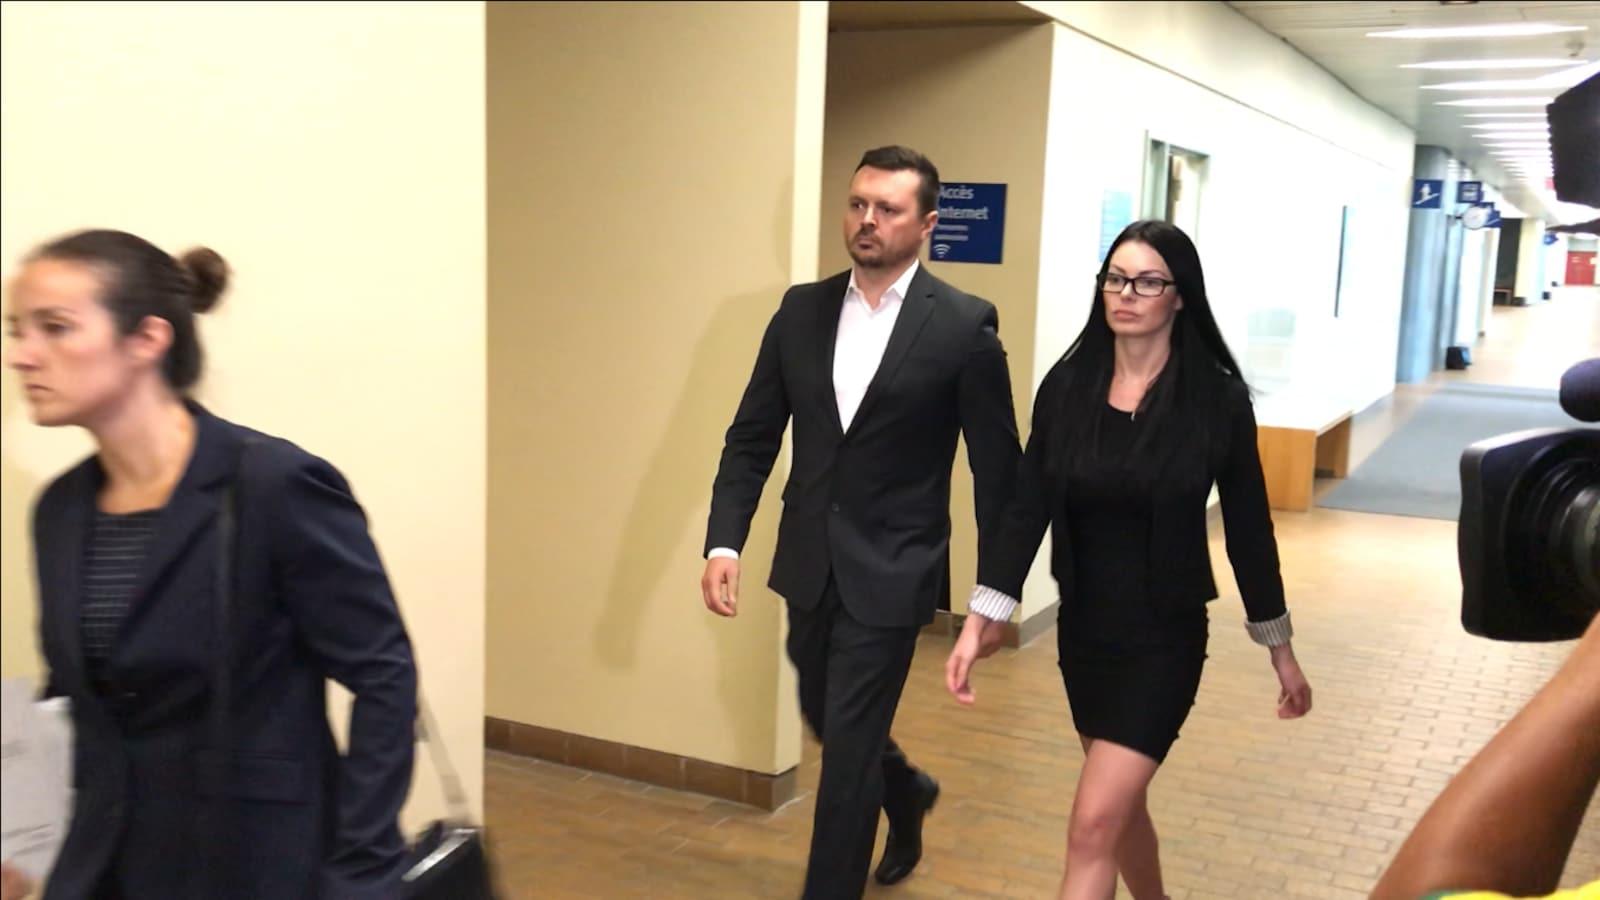 Dominic Lacroix et sa conjointe marchent dans les couloirs du palais de justice de Québec.